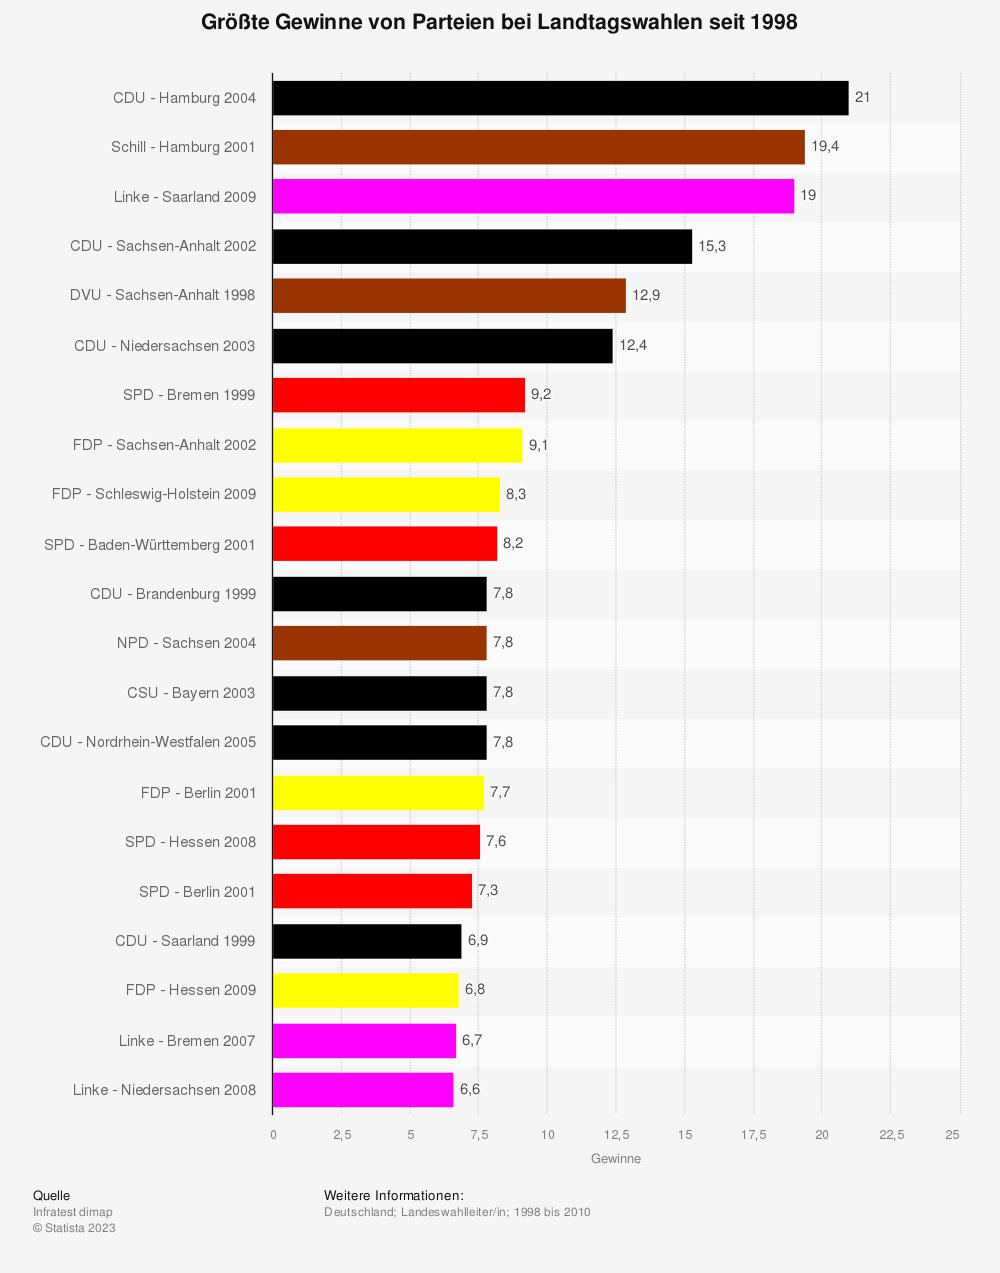 Statistik: Größte Gewinne von Parteien bei Landtagswahlen seit 1998 | Statista